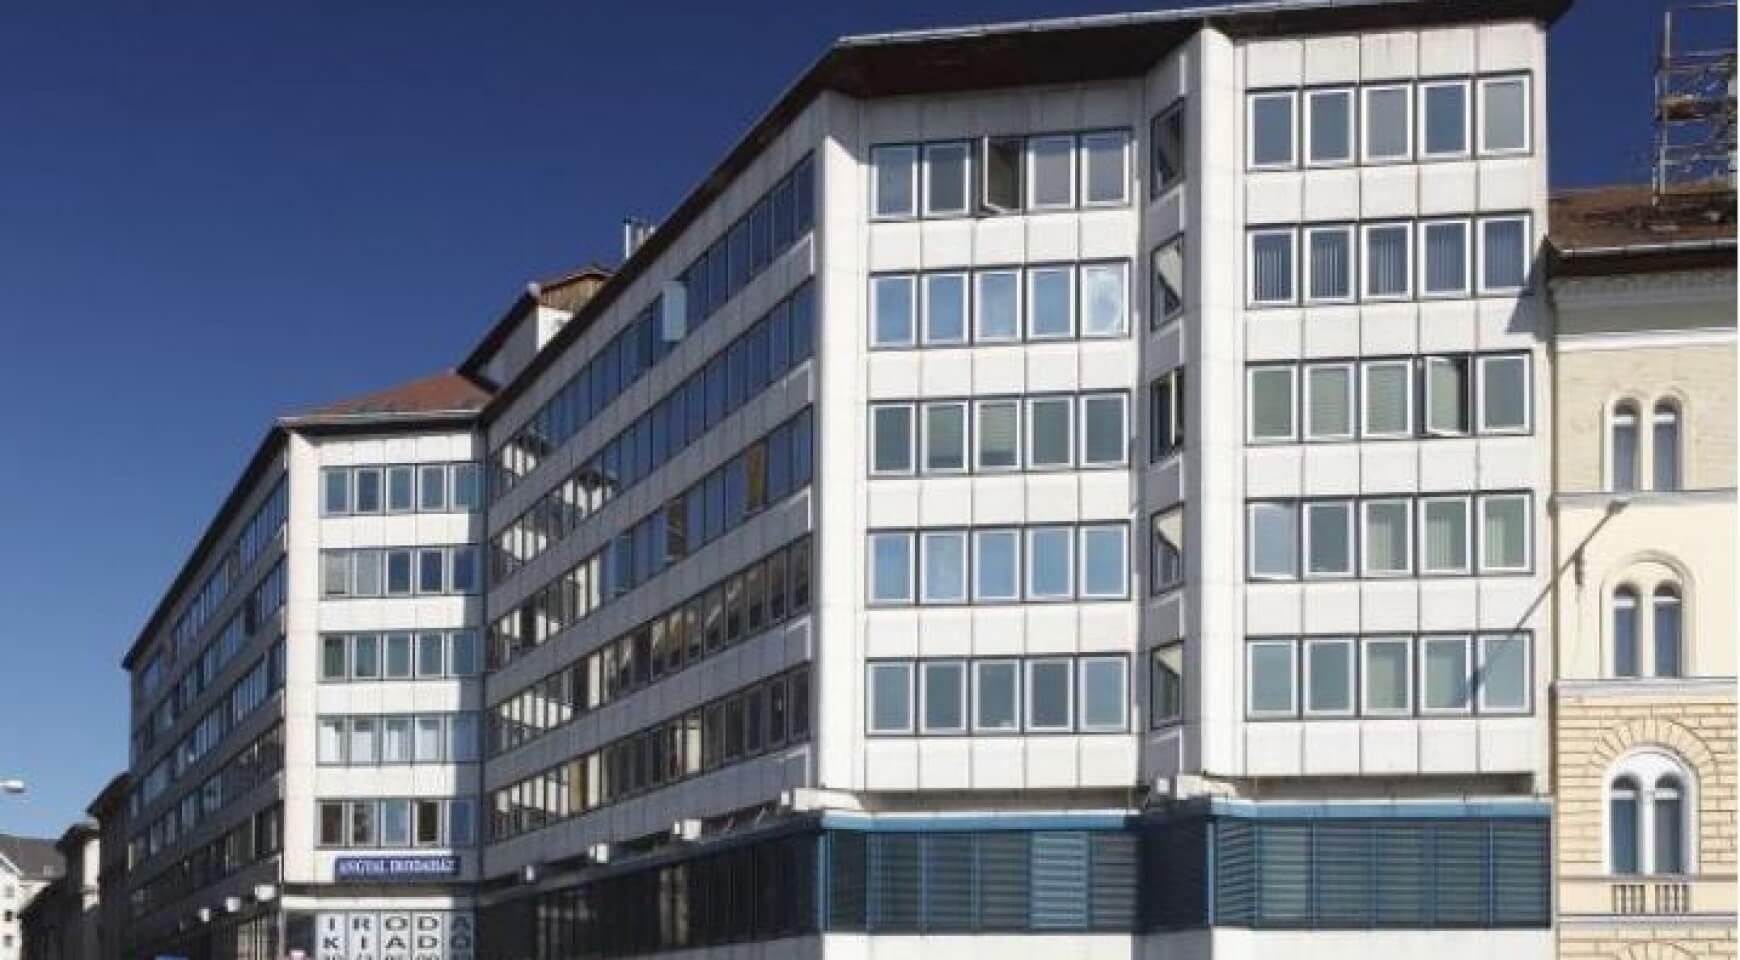 A Boráros téren nyitja meg első magyarországi szállodáját a B&B Hotels